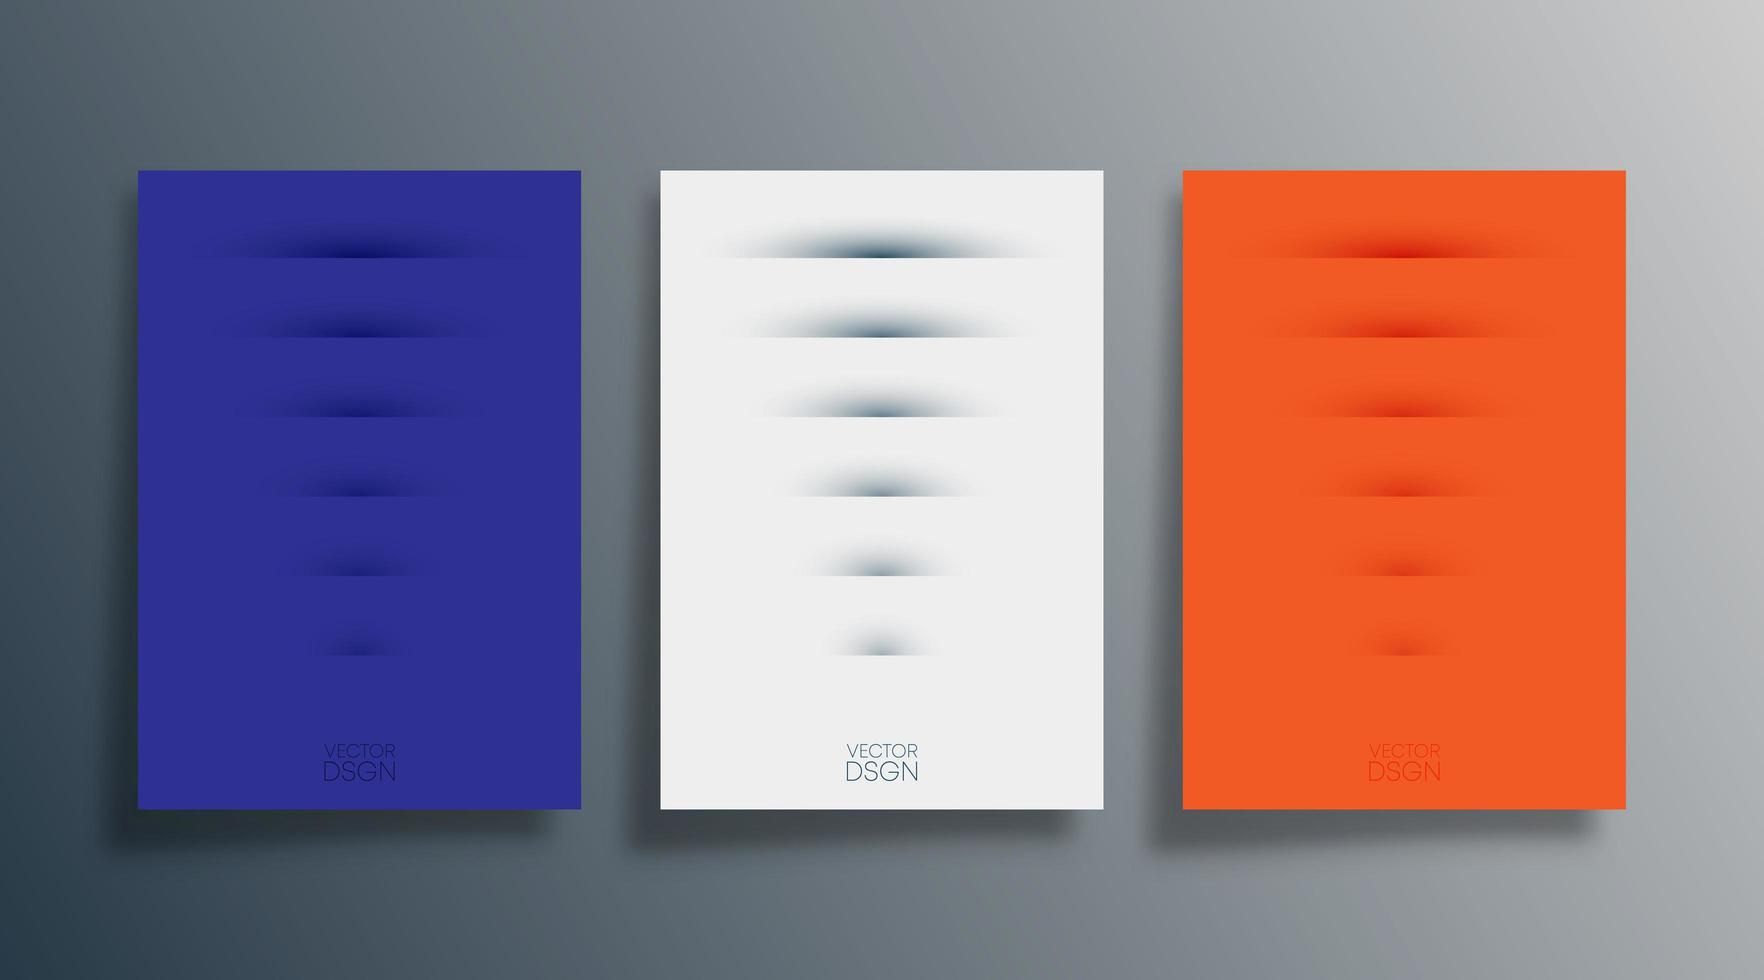 ensemble de couvertures ou dépliants de conception abstraite ombre vecteur